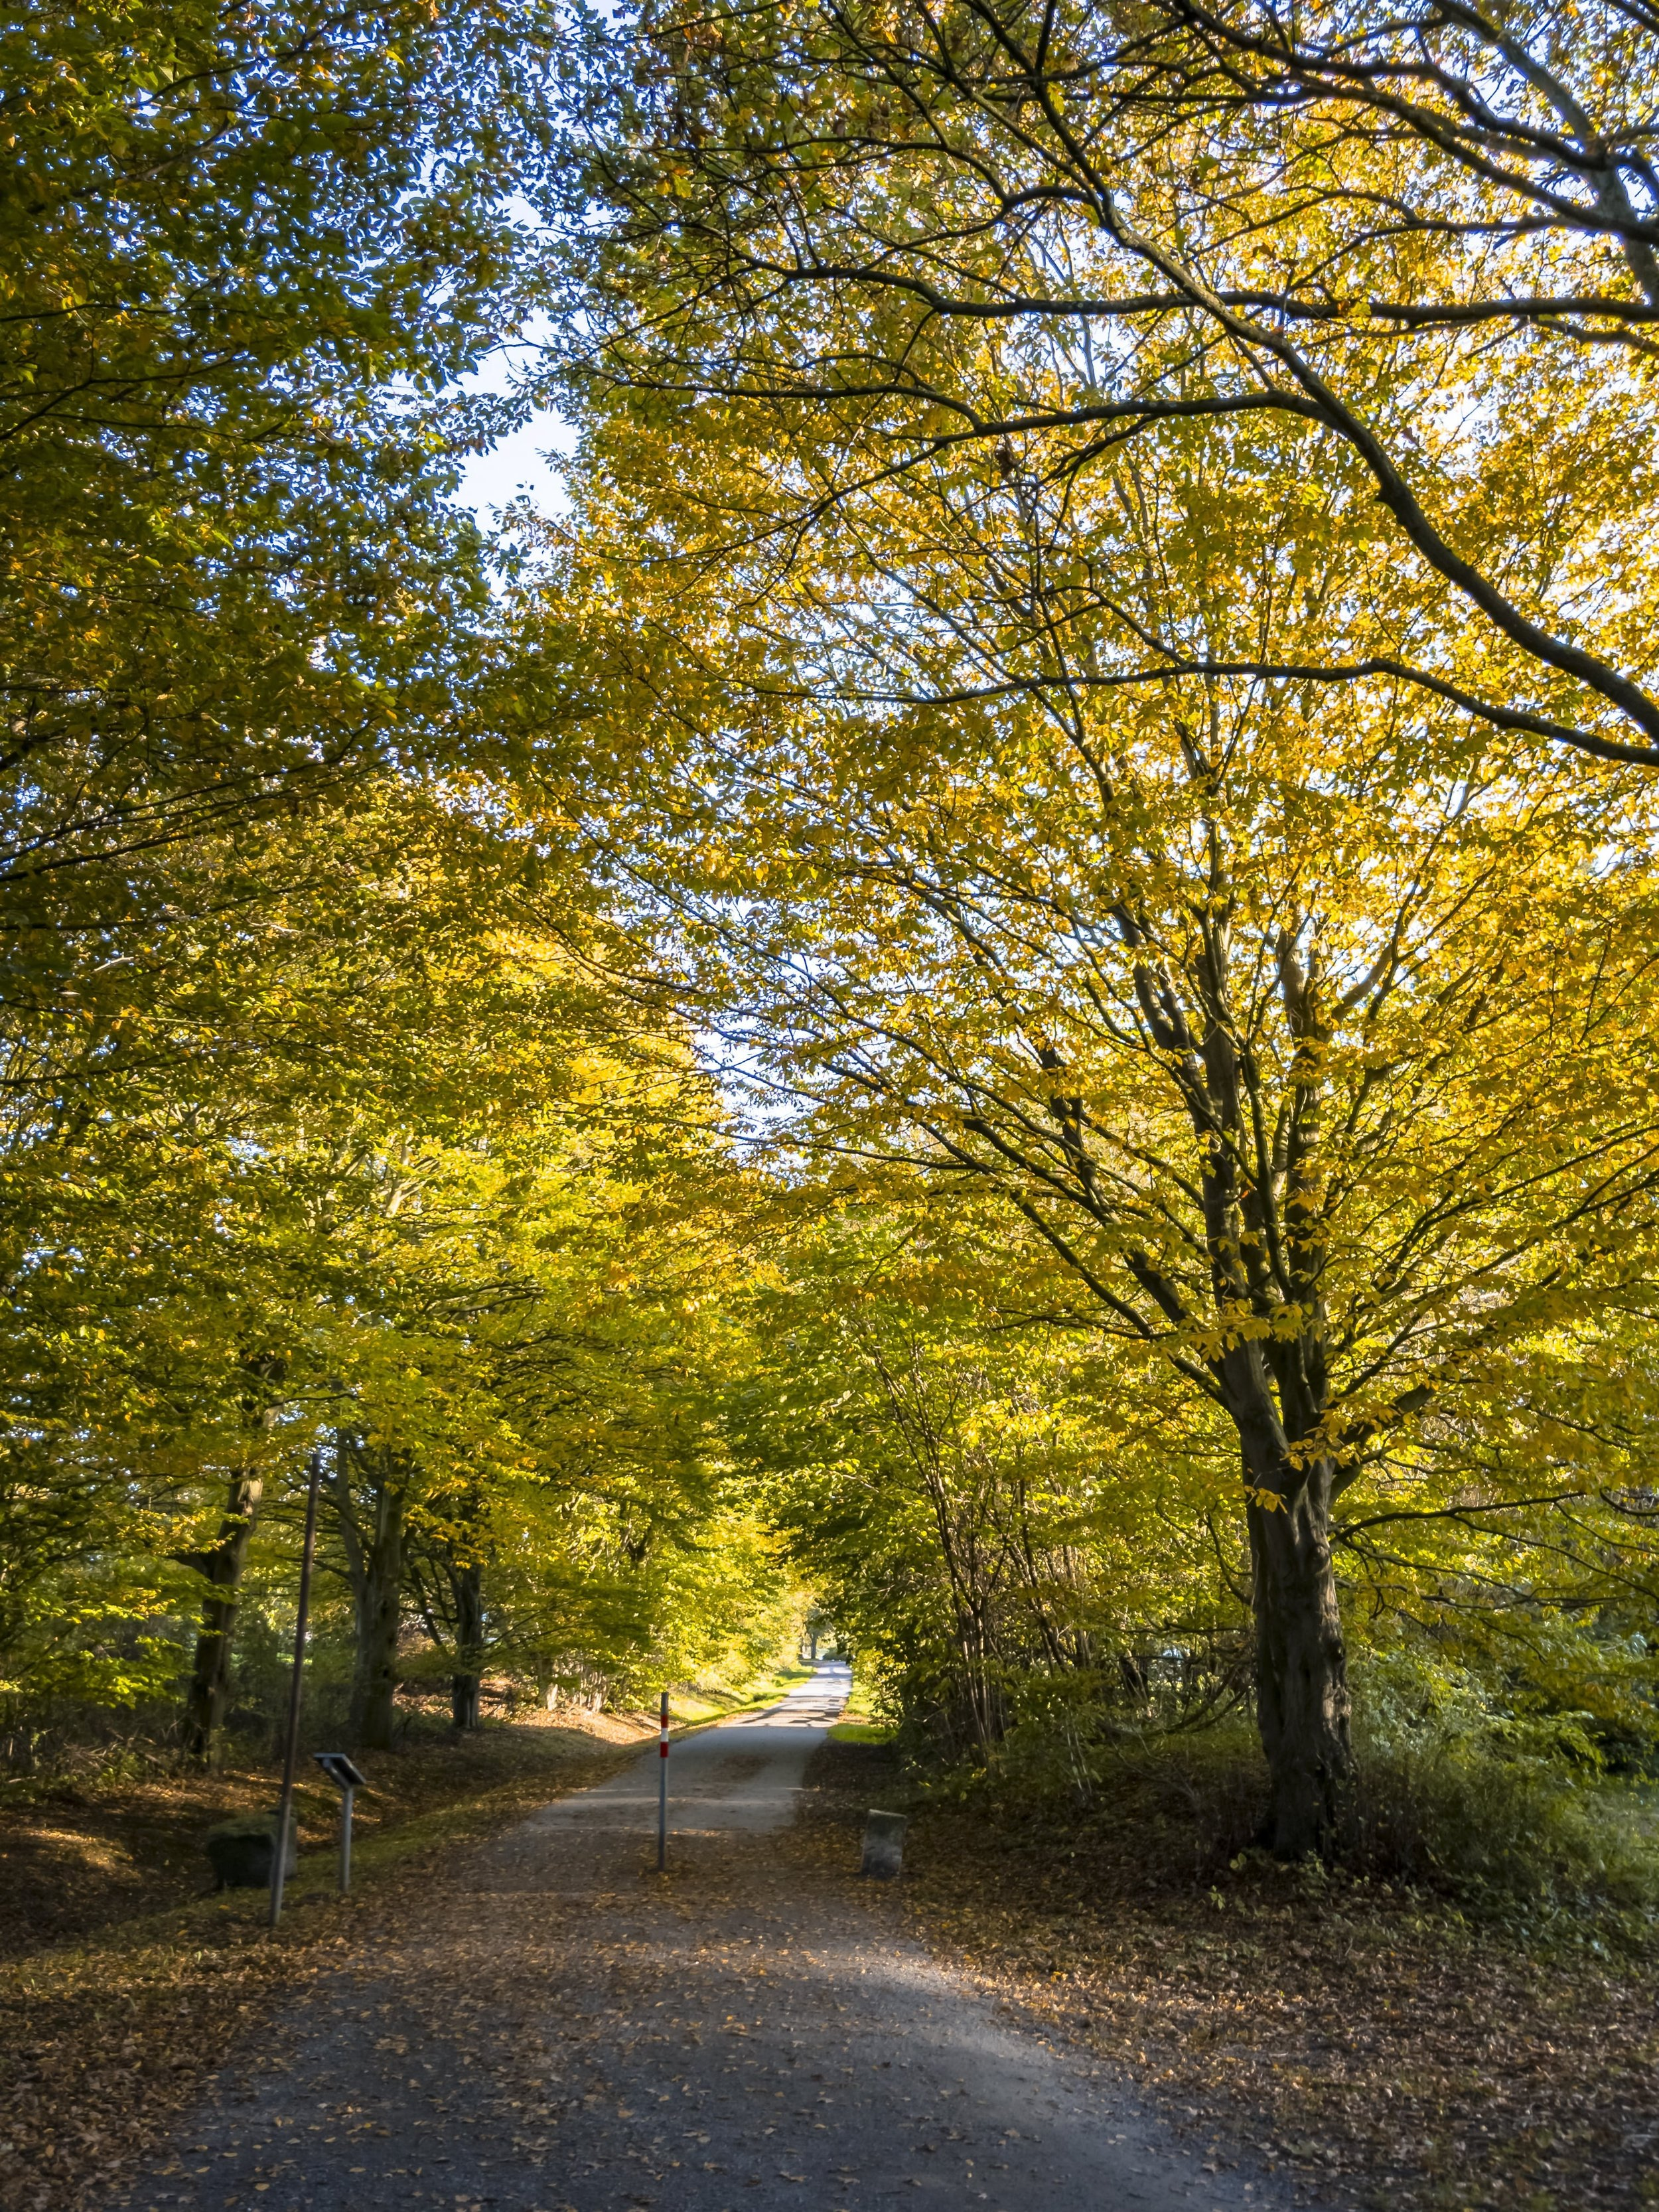 APC_0399-hdr 2 - Herbst ShotoniPhone Autumn Blätter Leaves Sun Sonne Light Threes Licht Bäume Baum Stadt Osnabrück.jpg